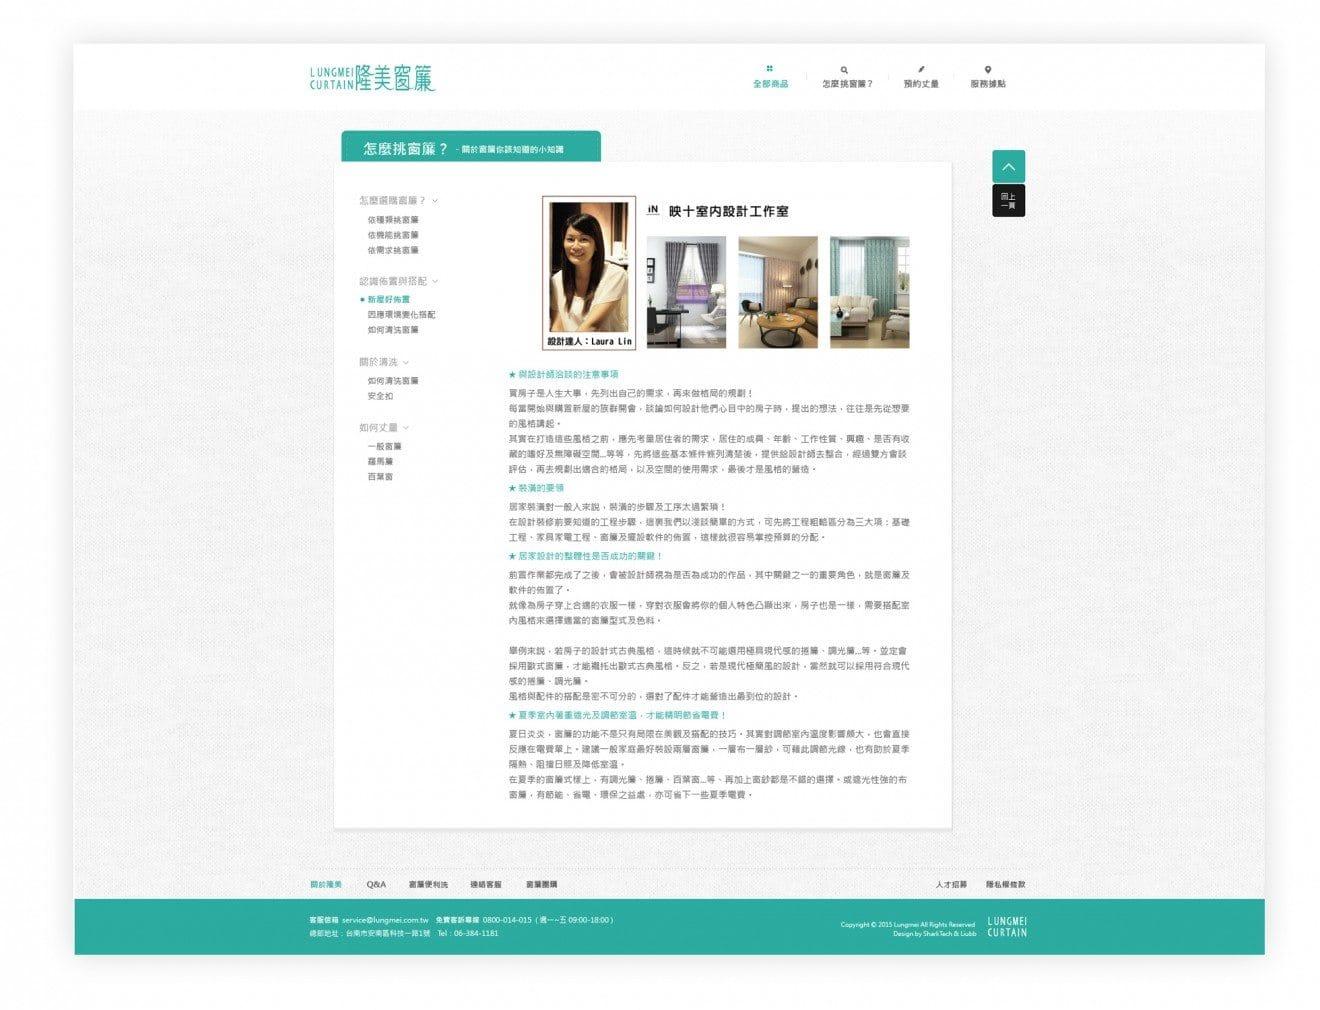 lungmei_02